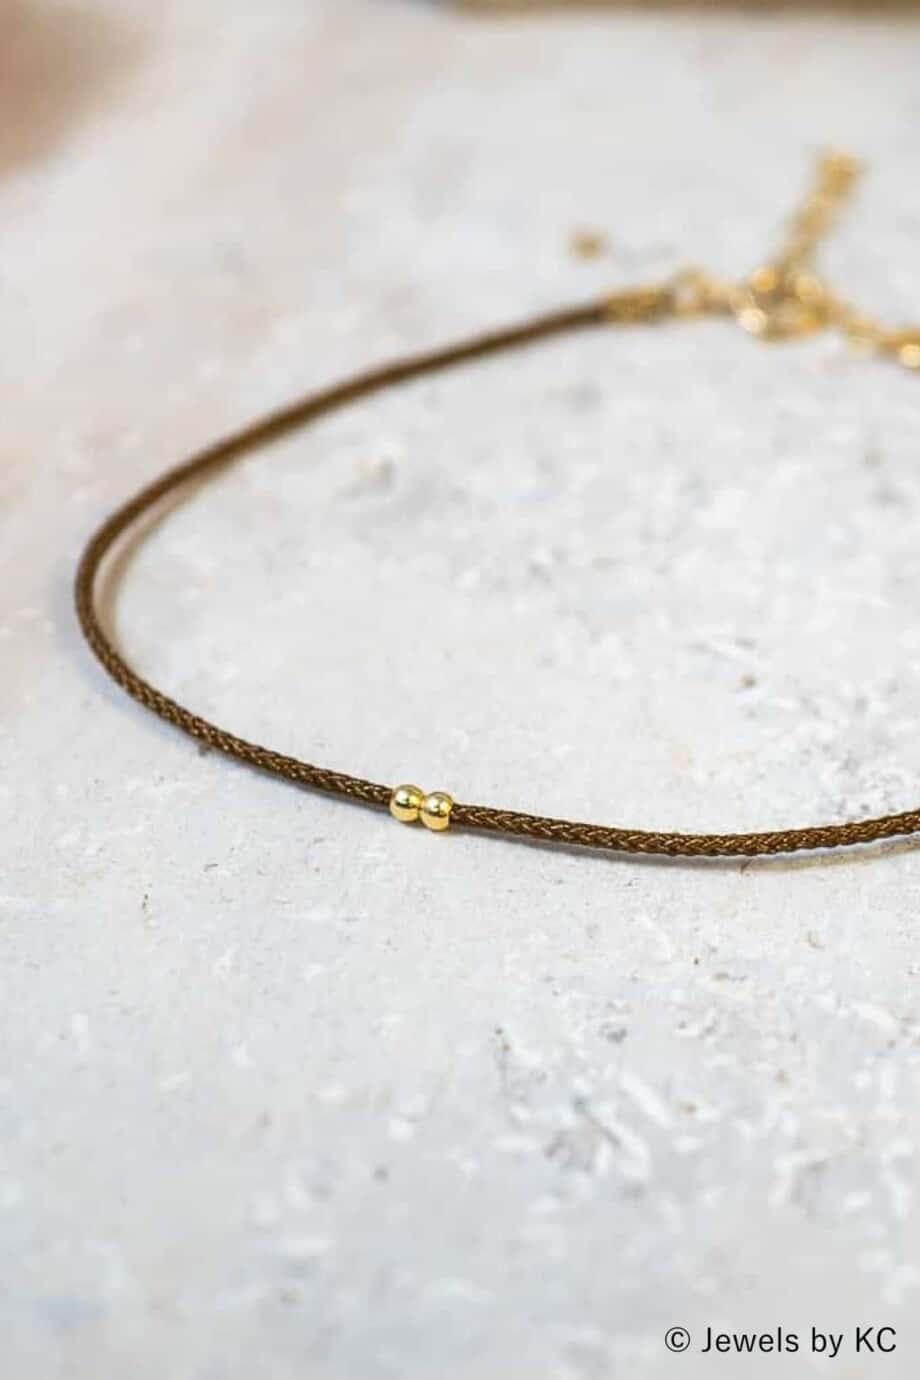 Dun-bruin-koord-armbandje-Marron-met-Gouden-kraaltjes-Goud-op-Zilver